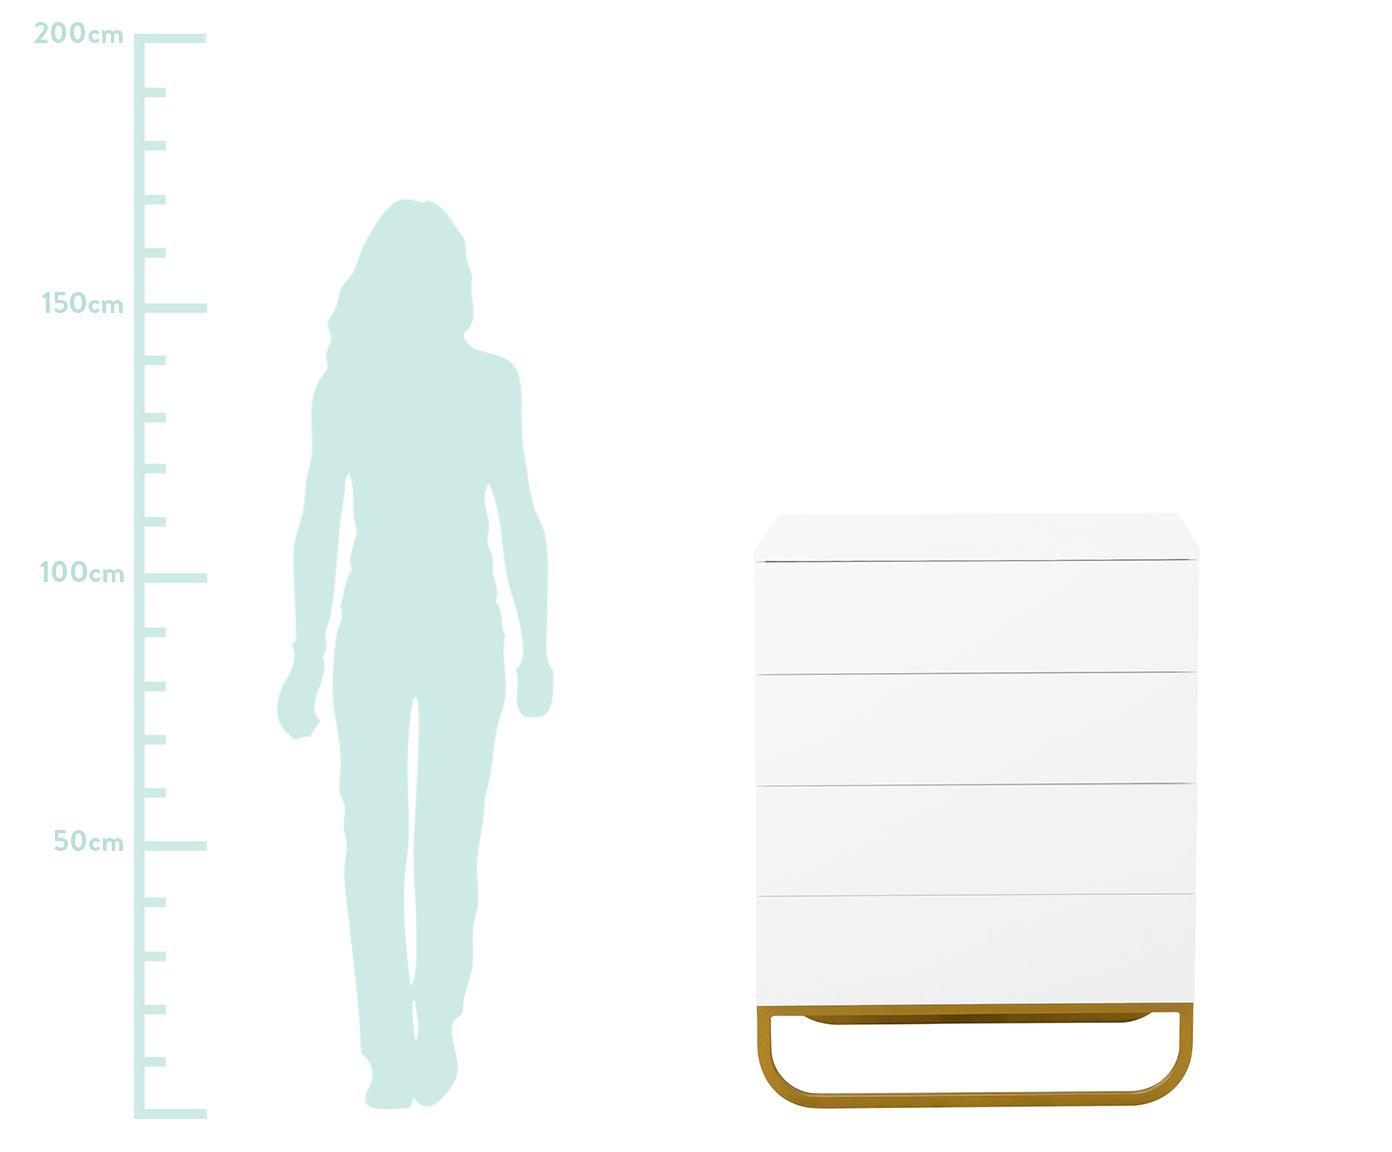 Szafka z szufladami Sanford, Korpus: płyta pilśniowa średniej , Korpus: biały, matowy Podstawa: odcienie złotego, matowy, S 80 x W 106 cm